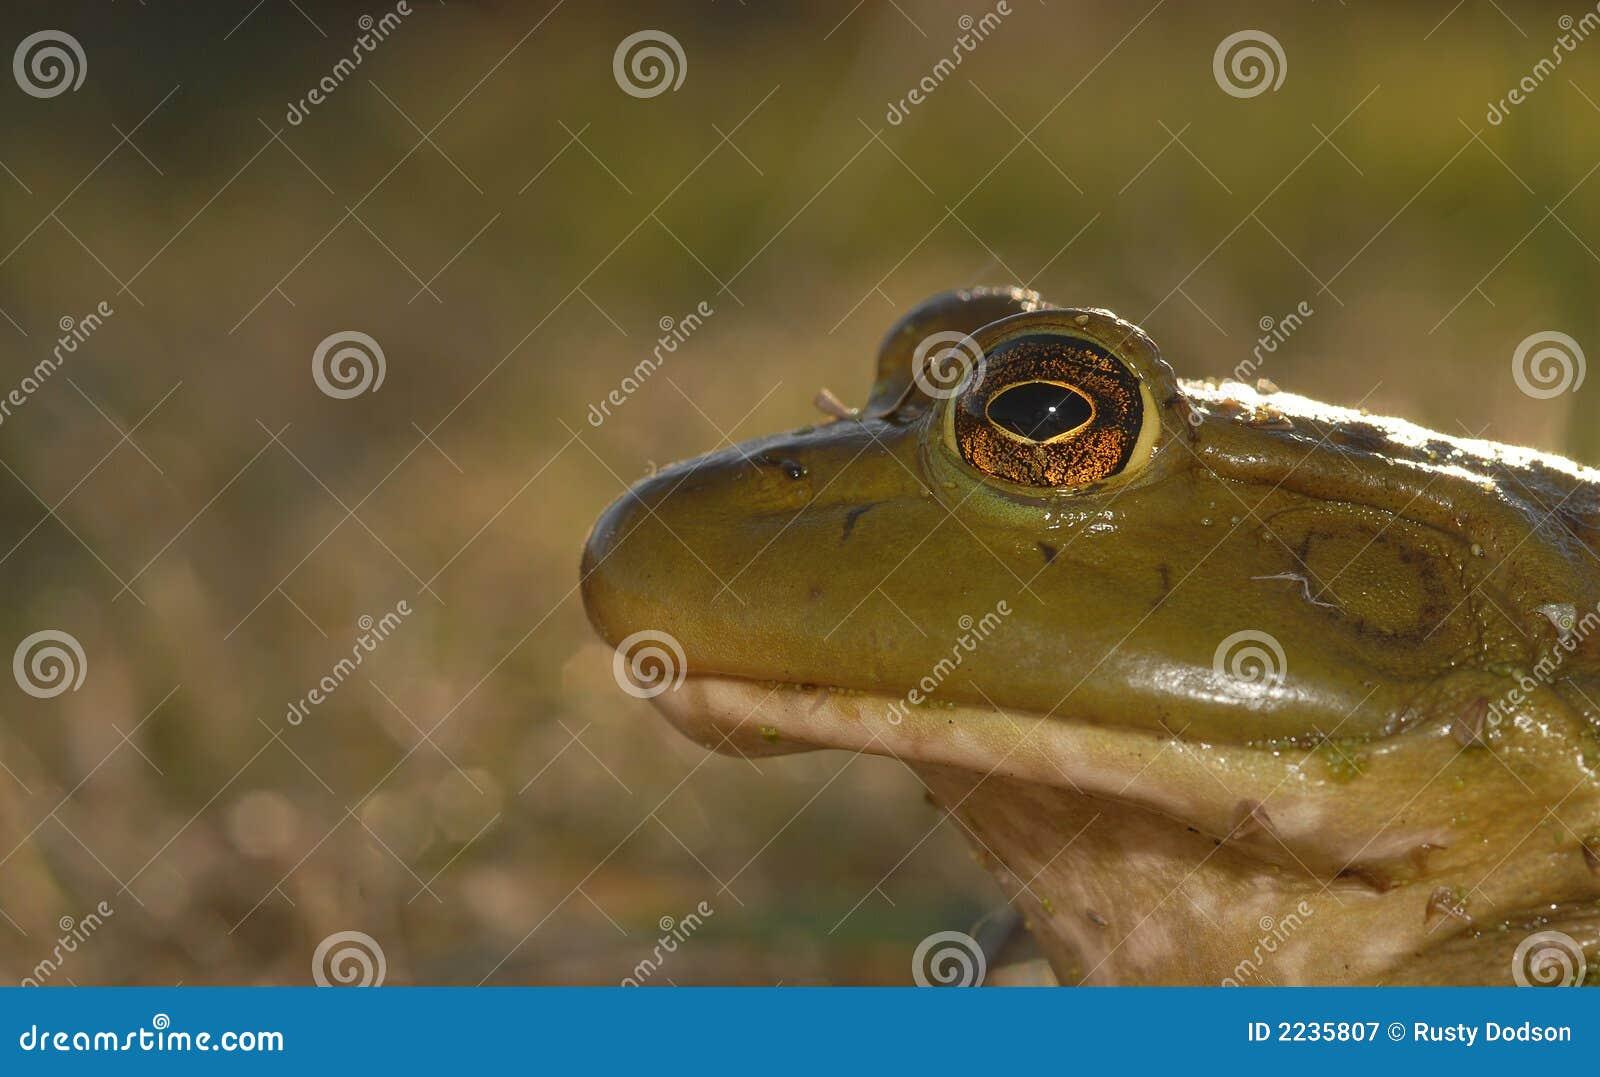 Frog Shot